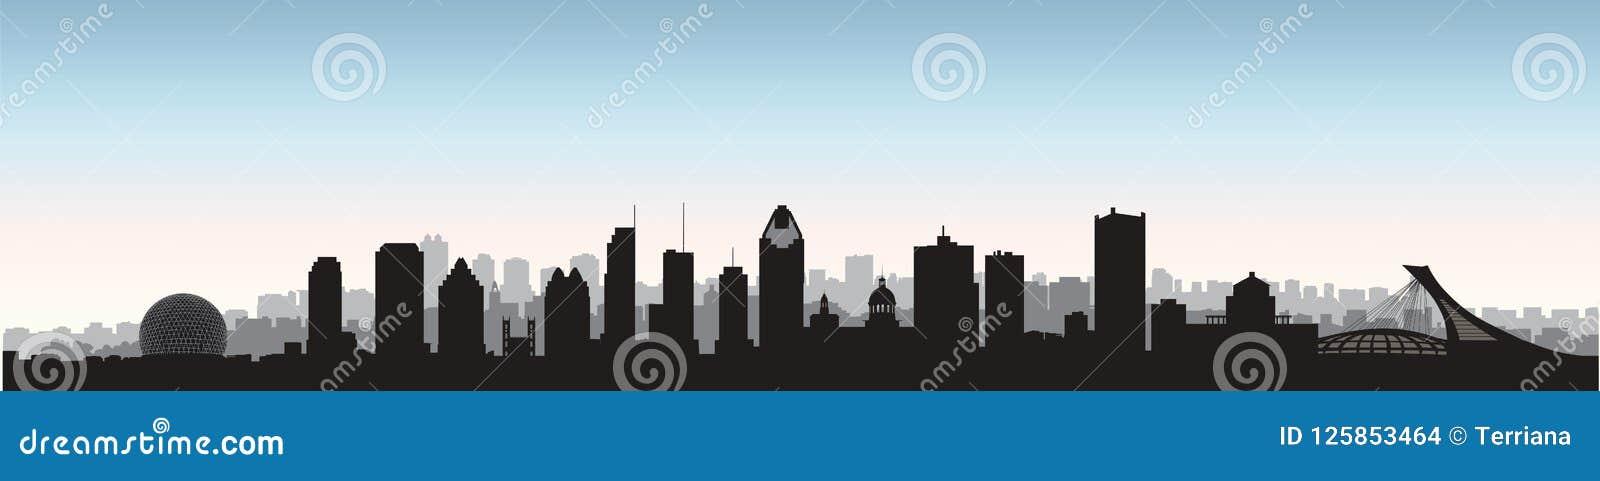 De stad van Montreal, de horizon van Canada Cityscape panoramisch silhouet met beroemde gebouwen Canadese oriëntatiepunten